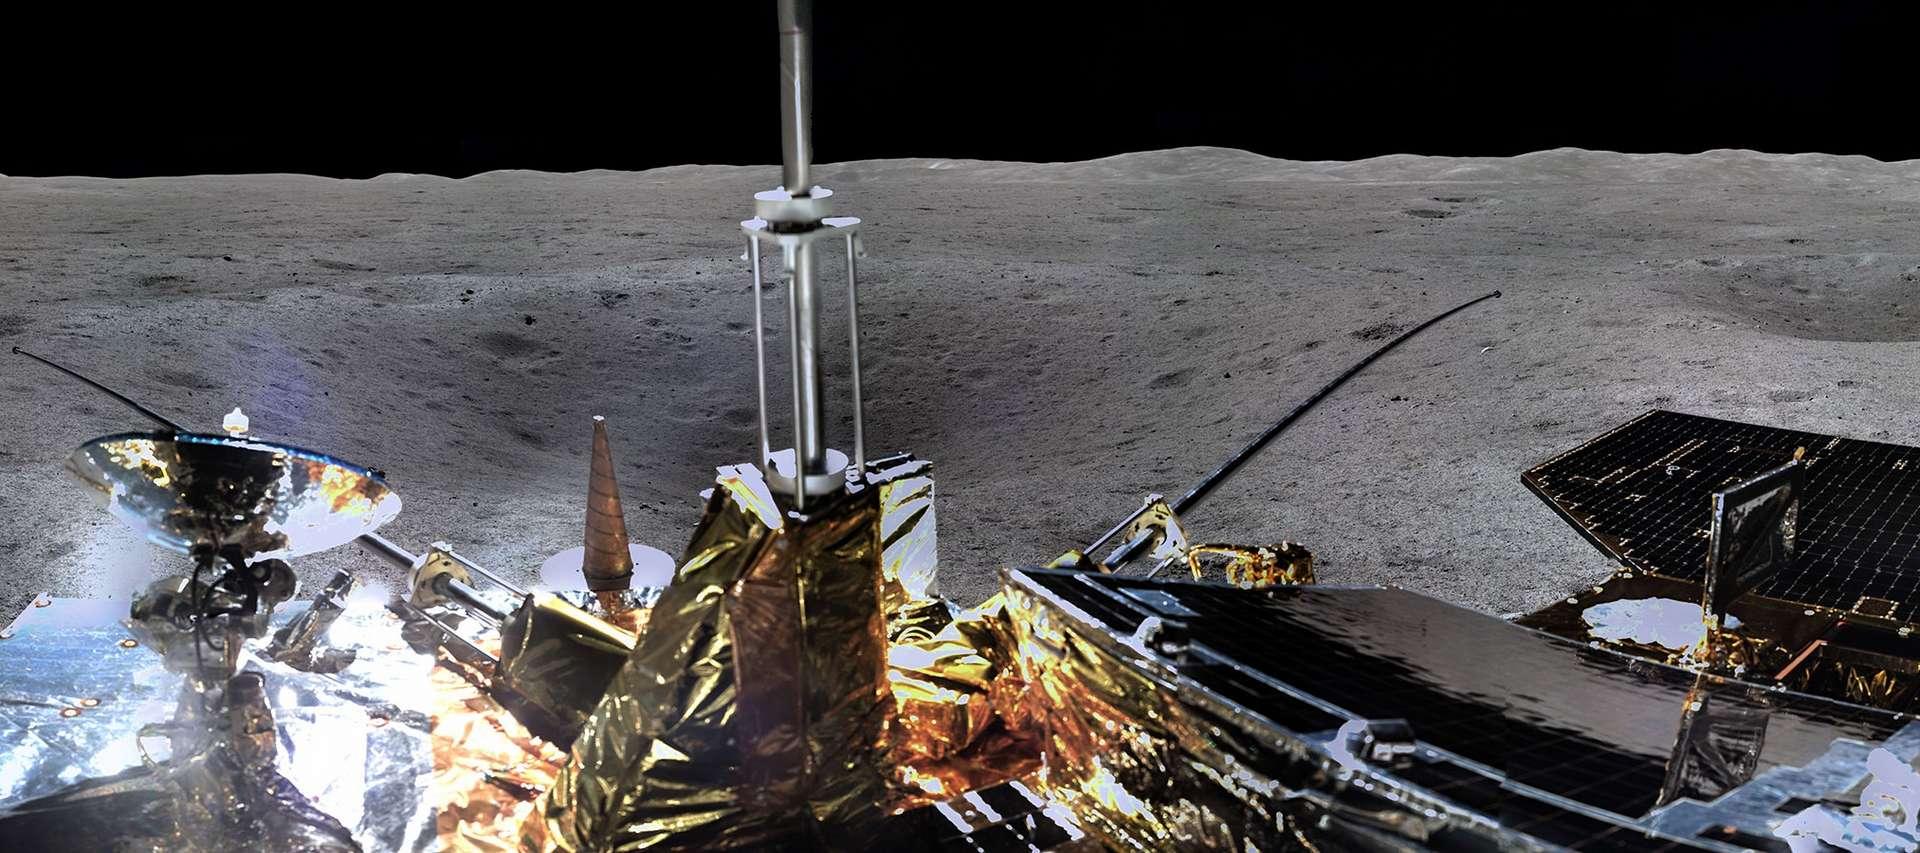 L'atterrisseur et le rover de la sonde chinoise Chang'e 4 viennent de se réveiller au terme de leur première nuit passée sur la face cachée de la Lune, survivant à des températures extrêmes. © CNSA